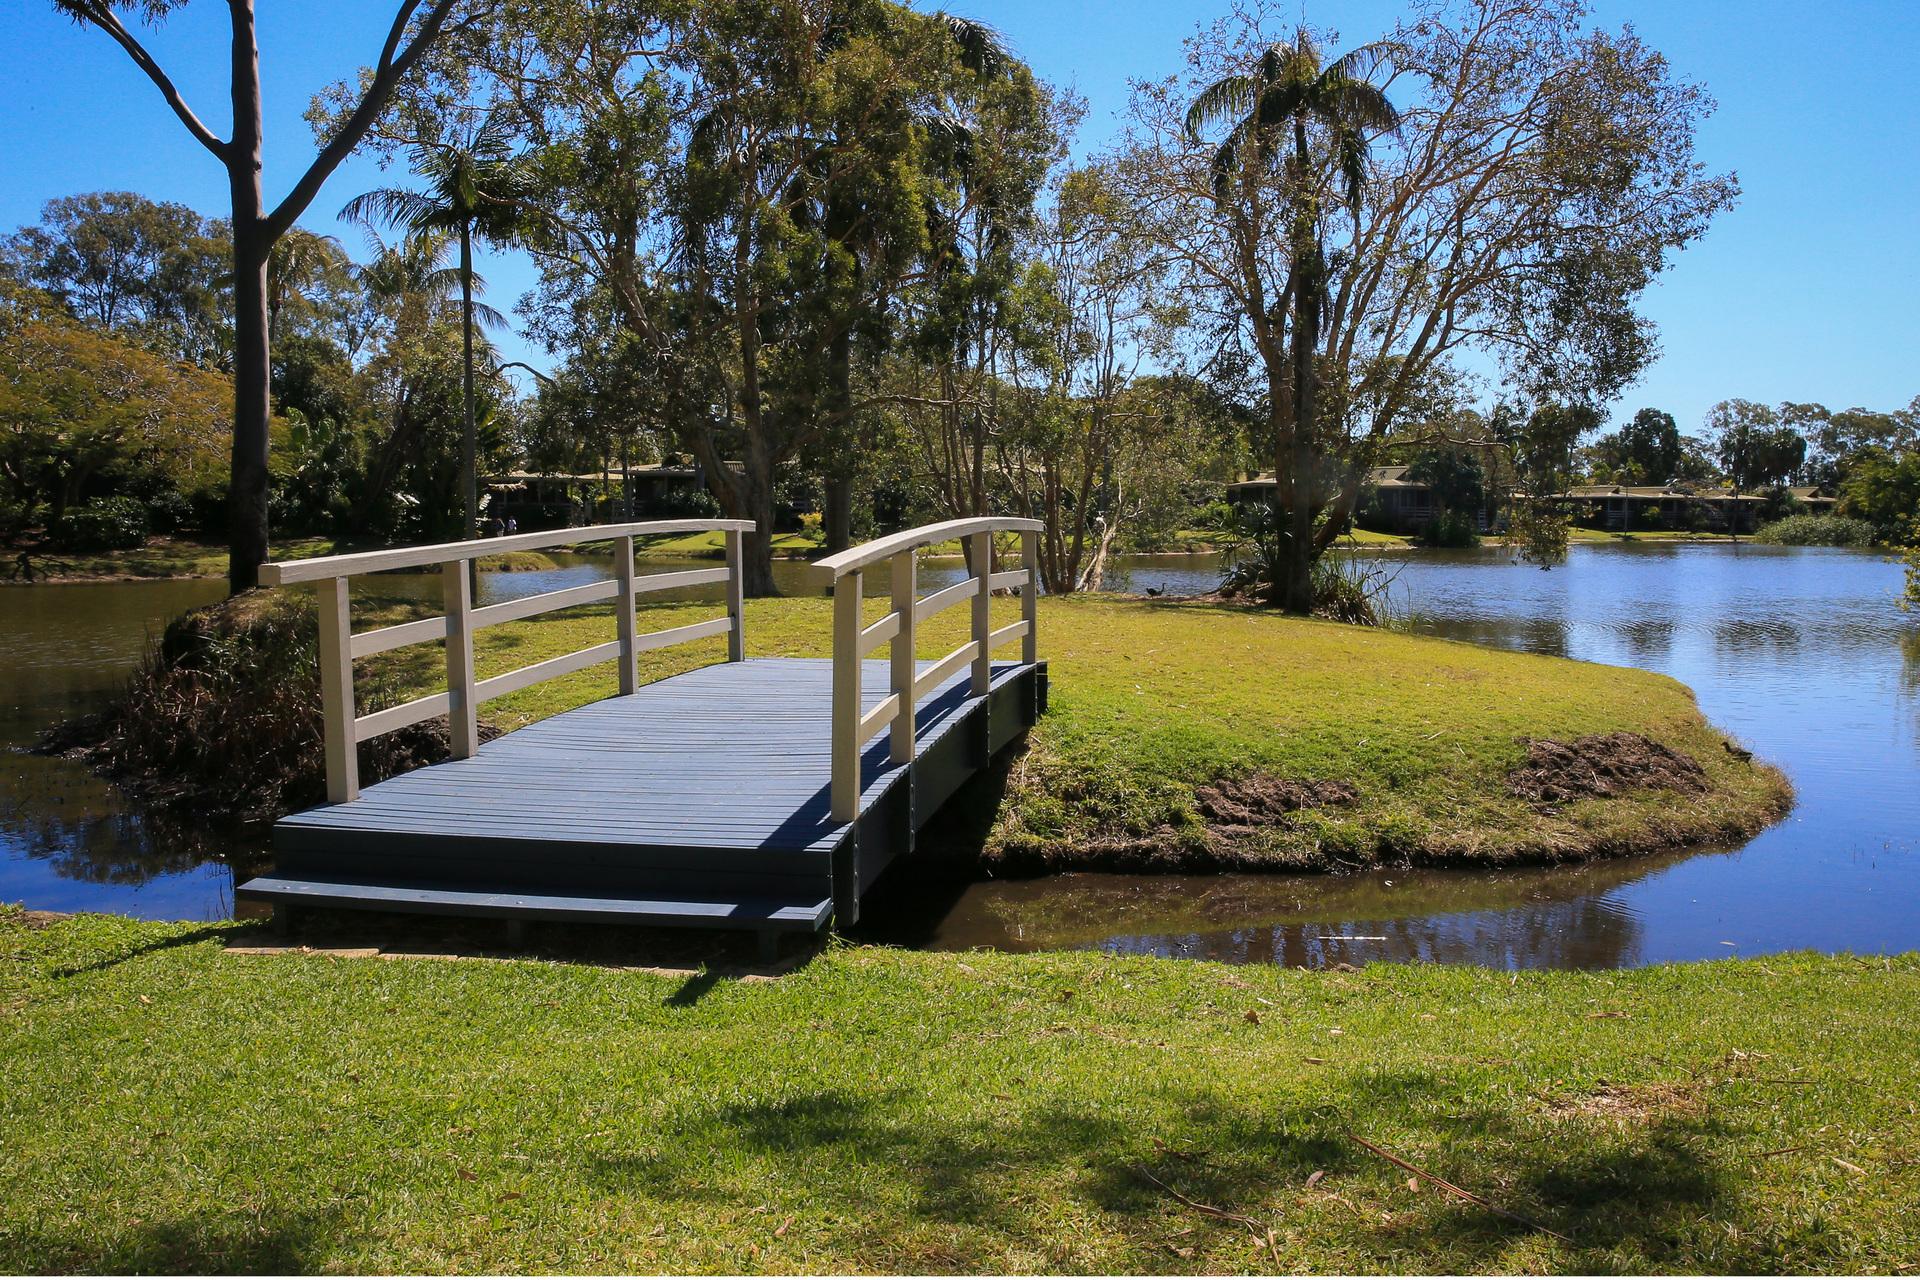 d - Sanctuary Lakes Fauna Retereat